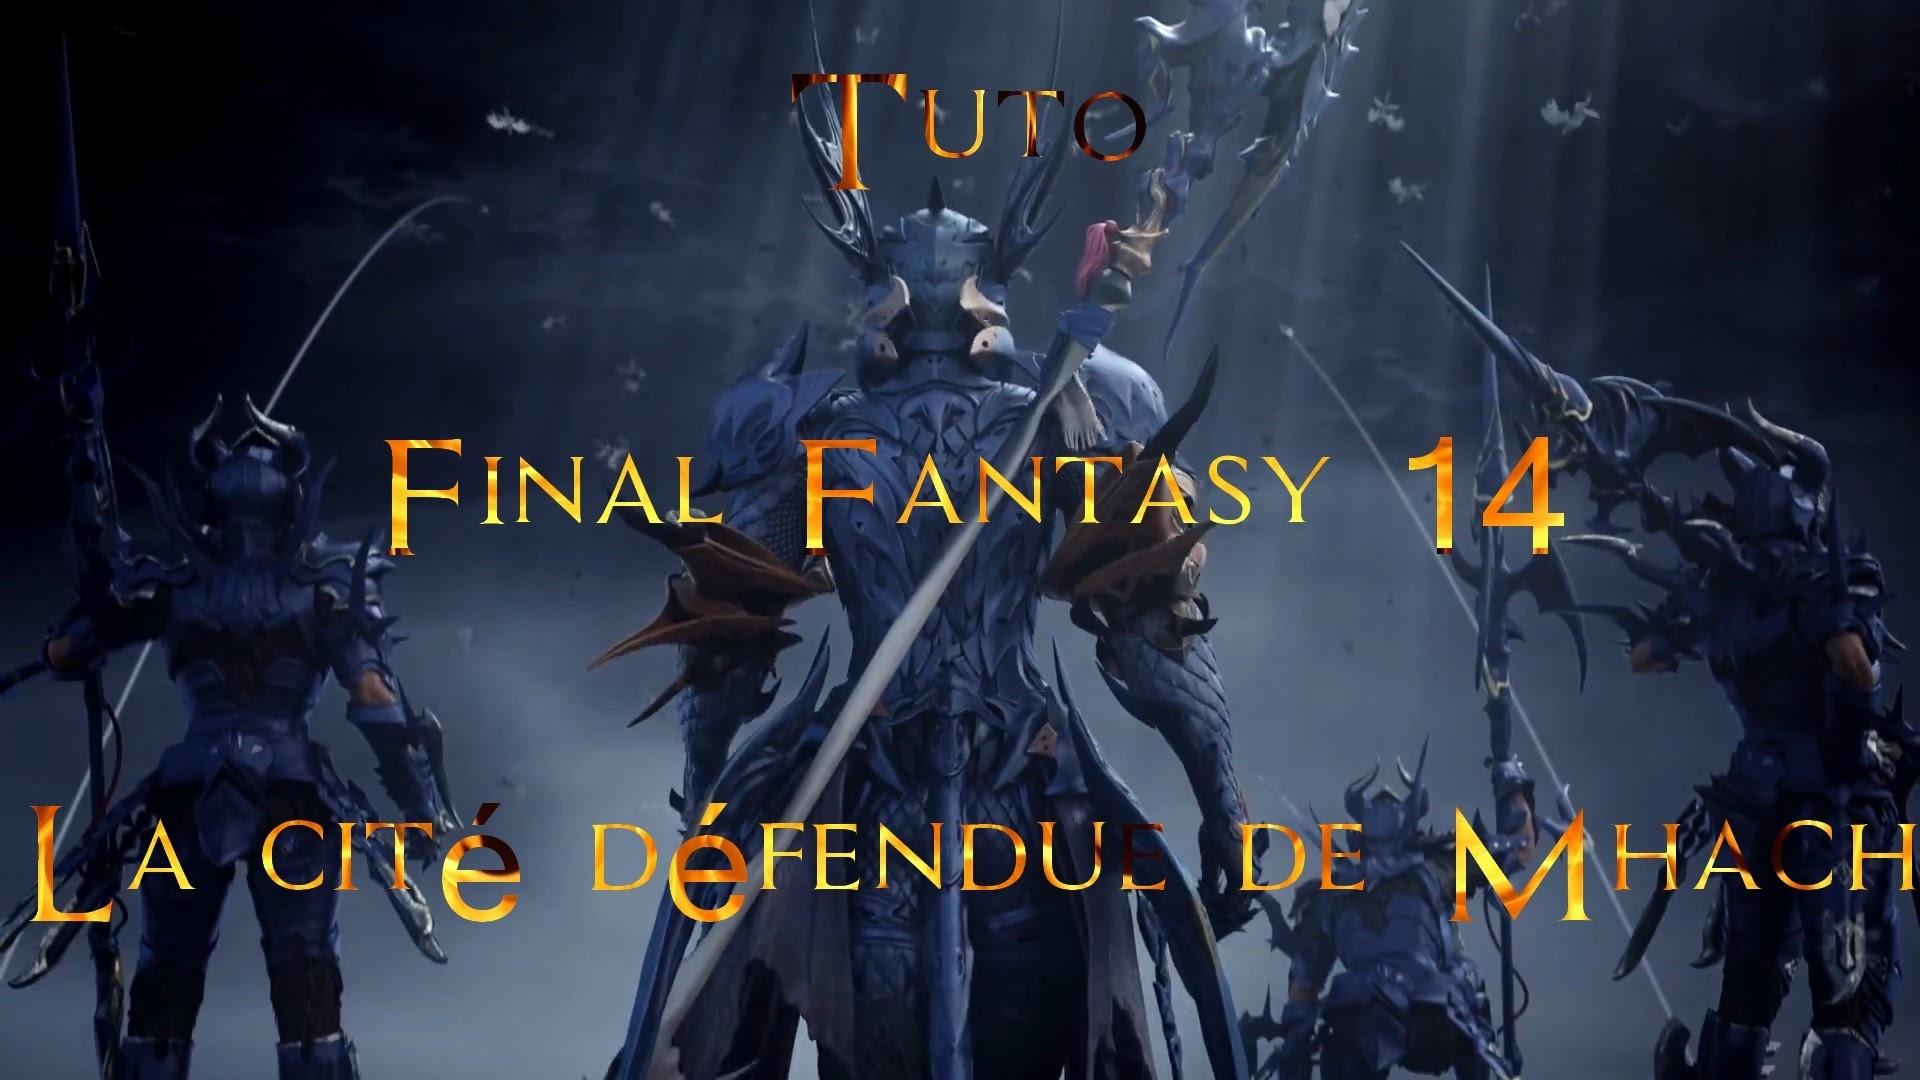 [Tuto] Final Fantasy 14 : Heavensward : La cit̩ d̩fendue de Mhach РYouTube